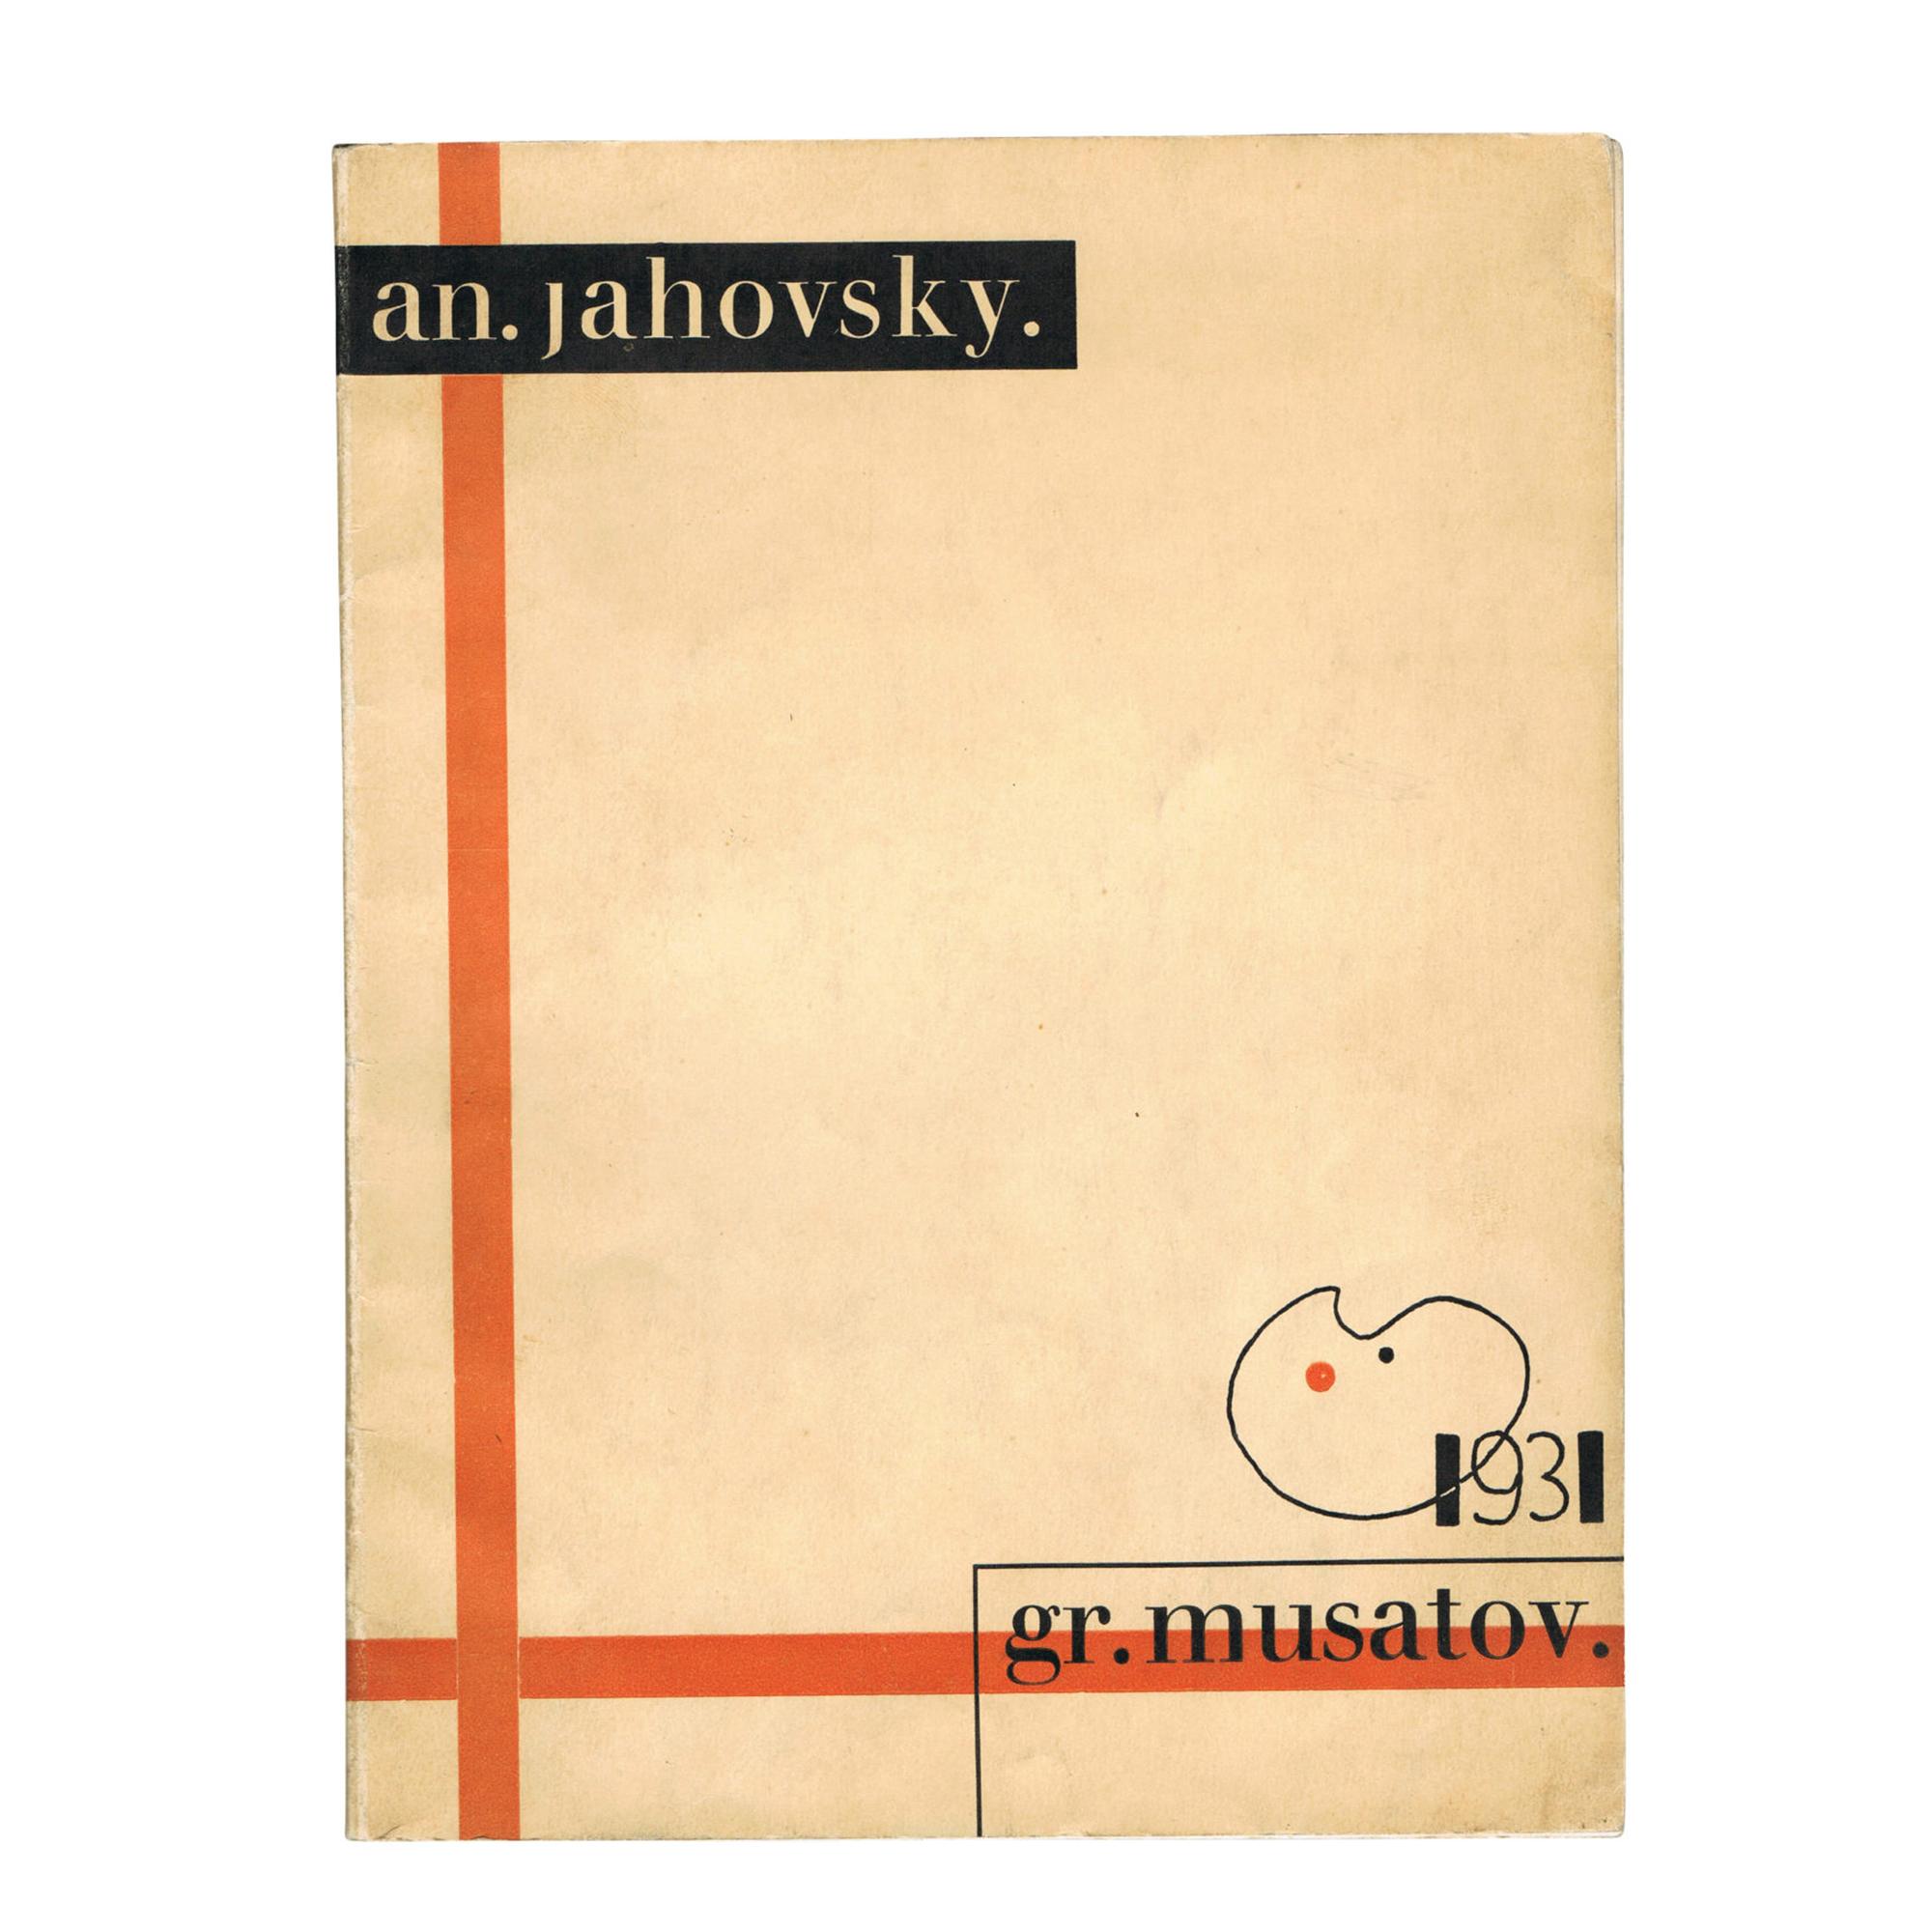 16-1364-Jakovsky-Musatov-1930-1-1200×1605-1.jpg